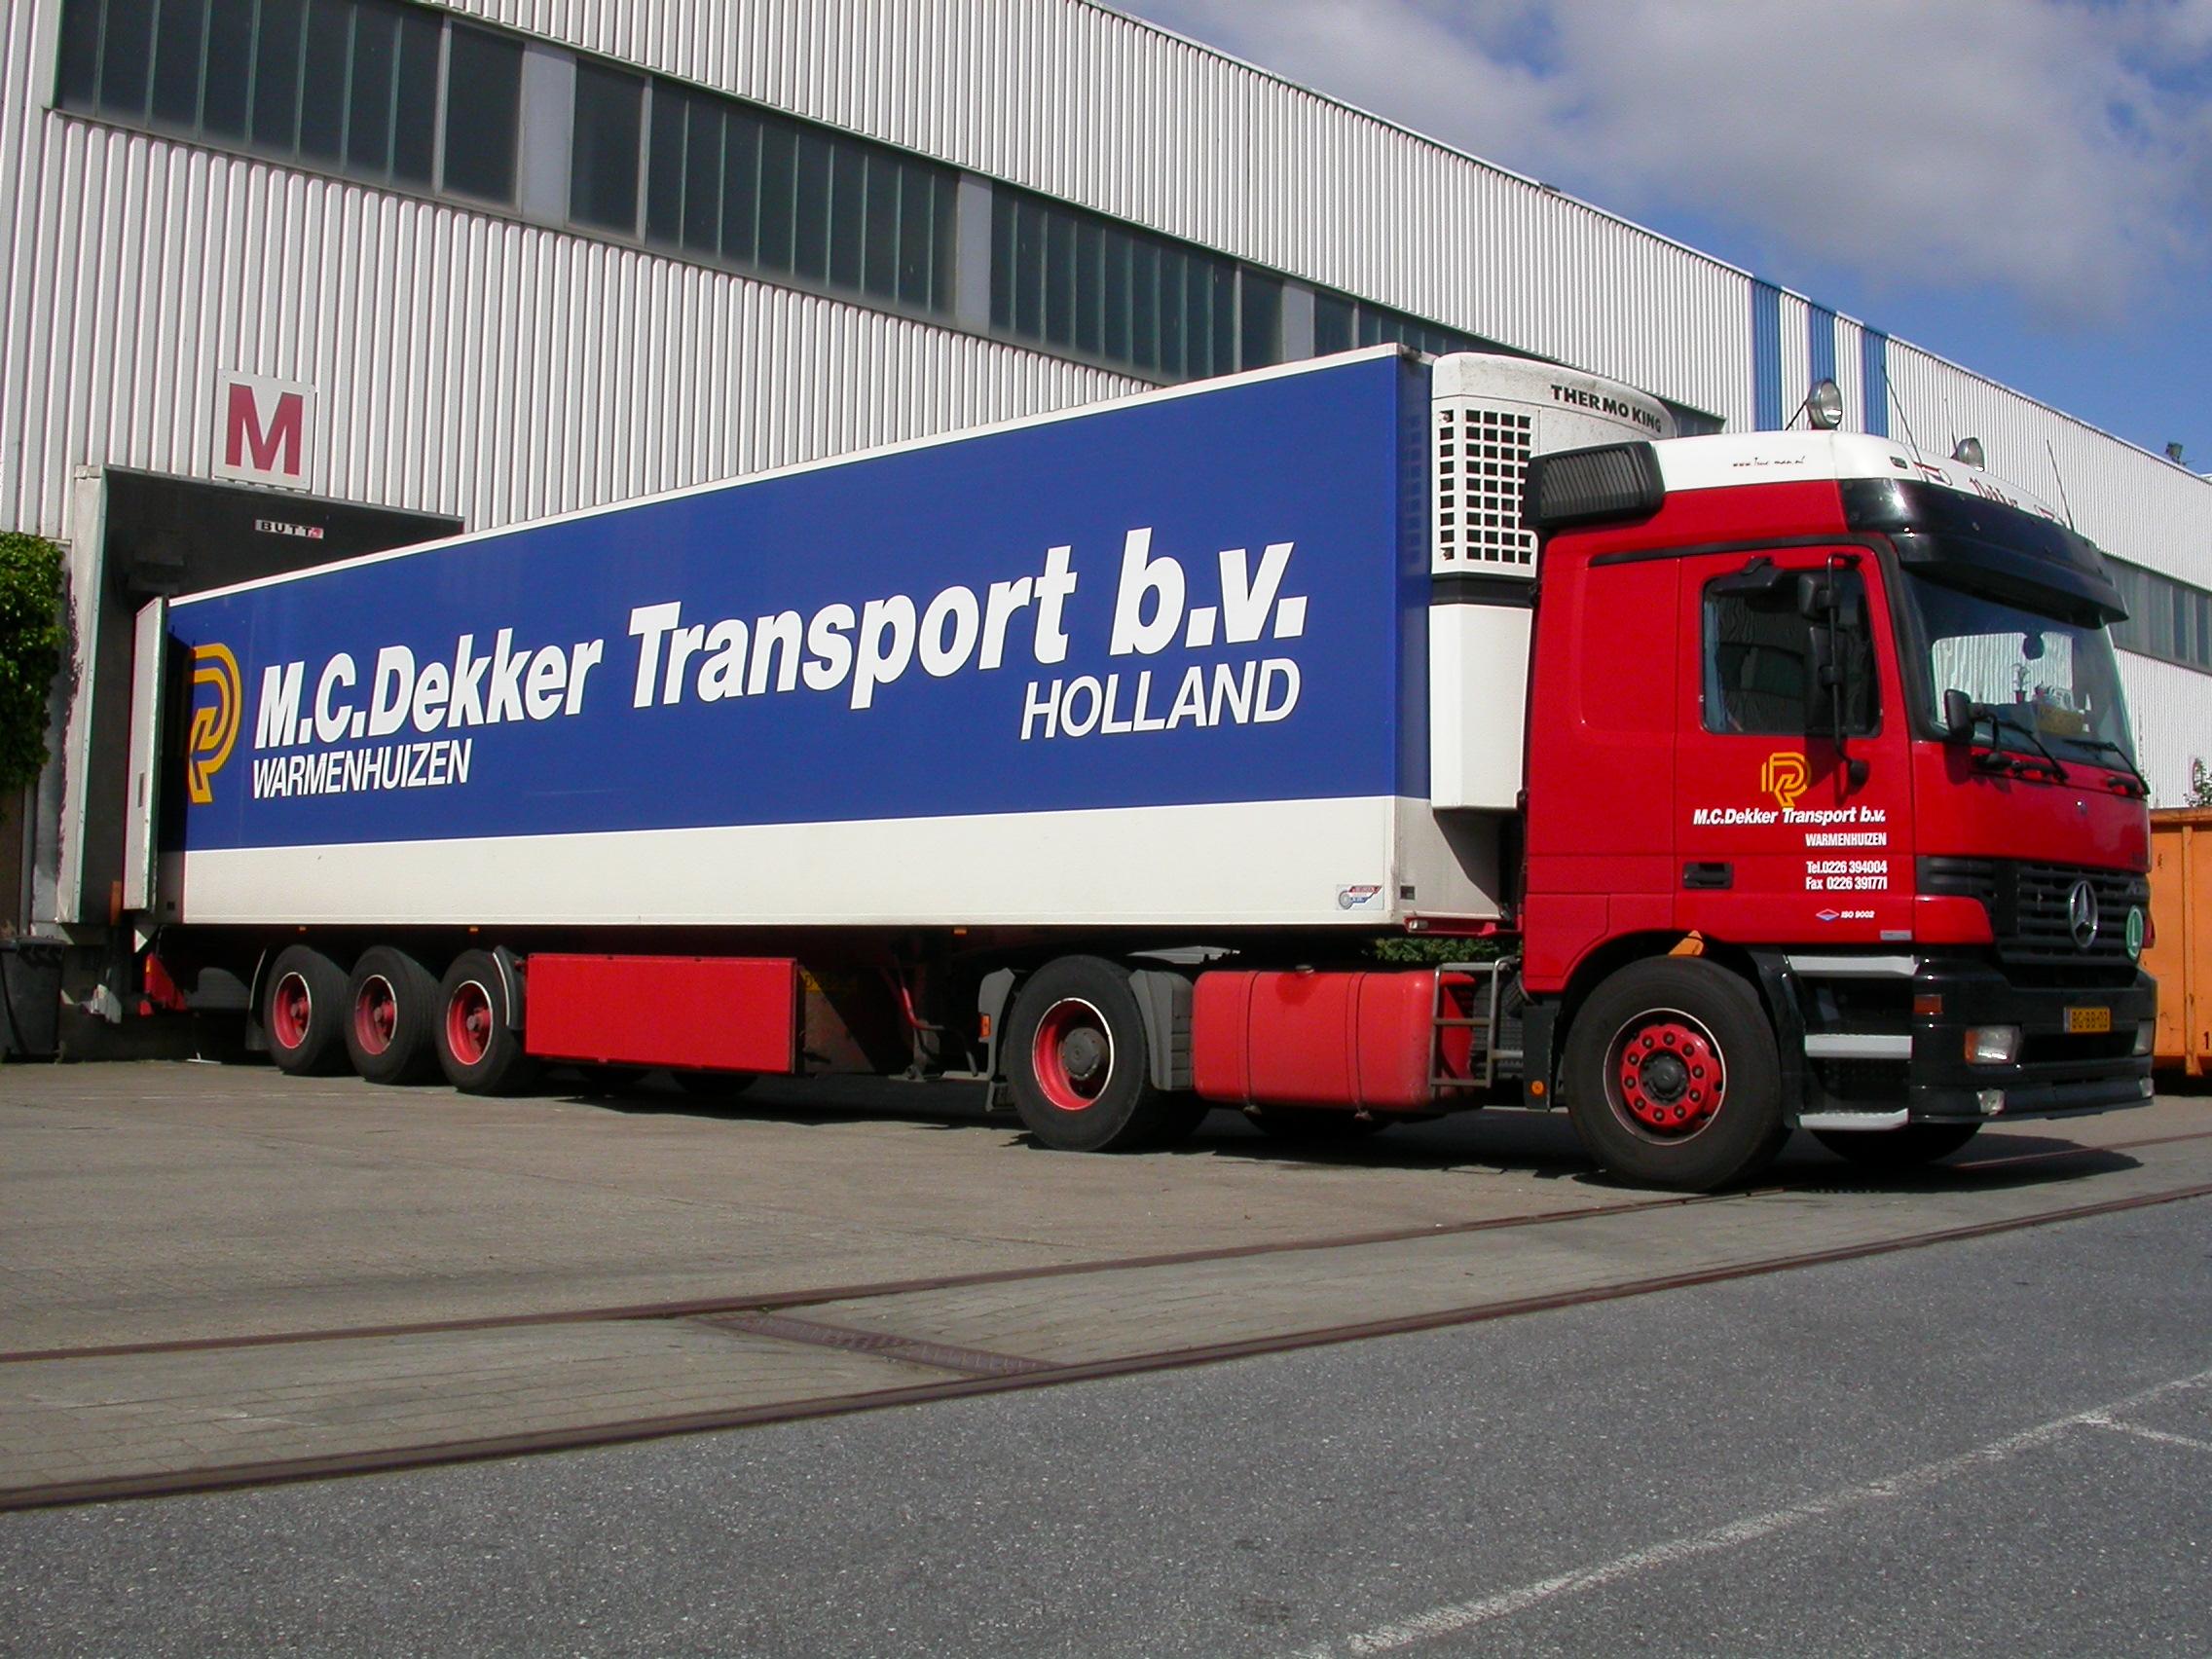 paul horstman vehicles land truck transport freight dekker side mercedes loading